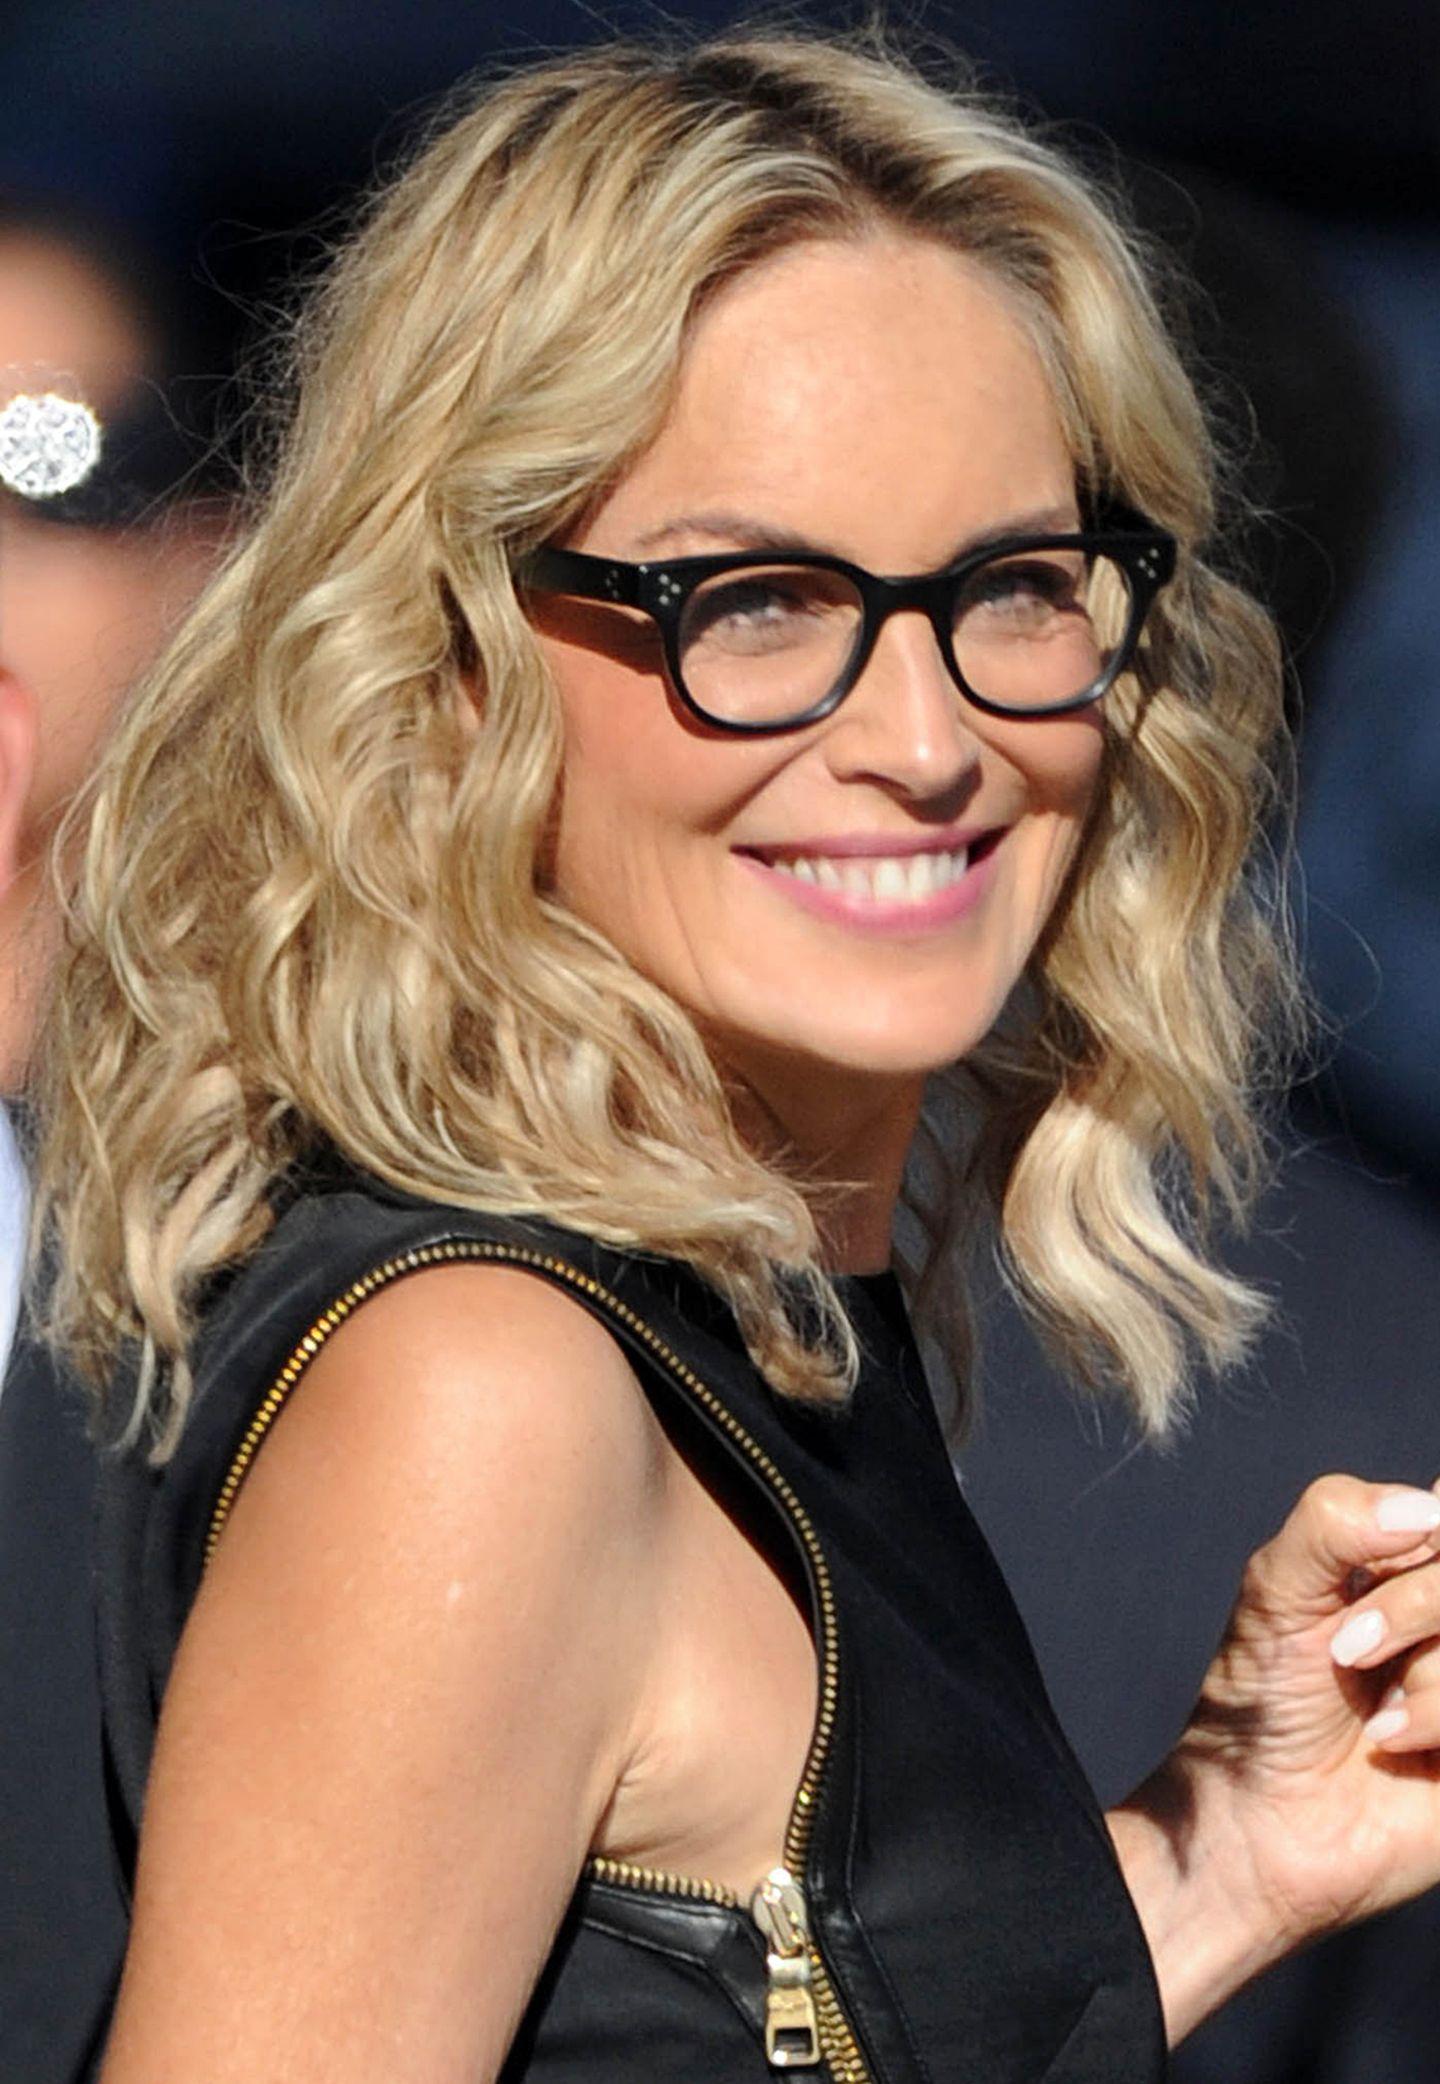 Dank ihres auffälligens Kastengestells in Schwarz sieht Sharon Stone zugleich jugendlich und seriös aus.